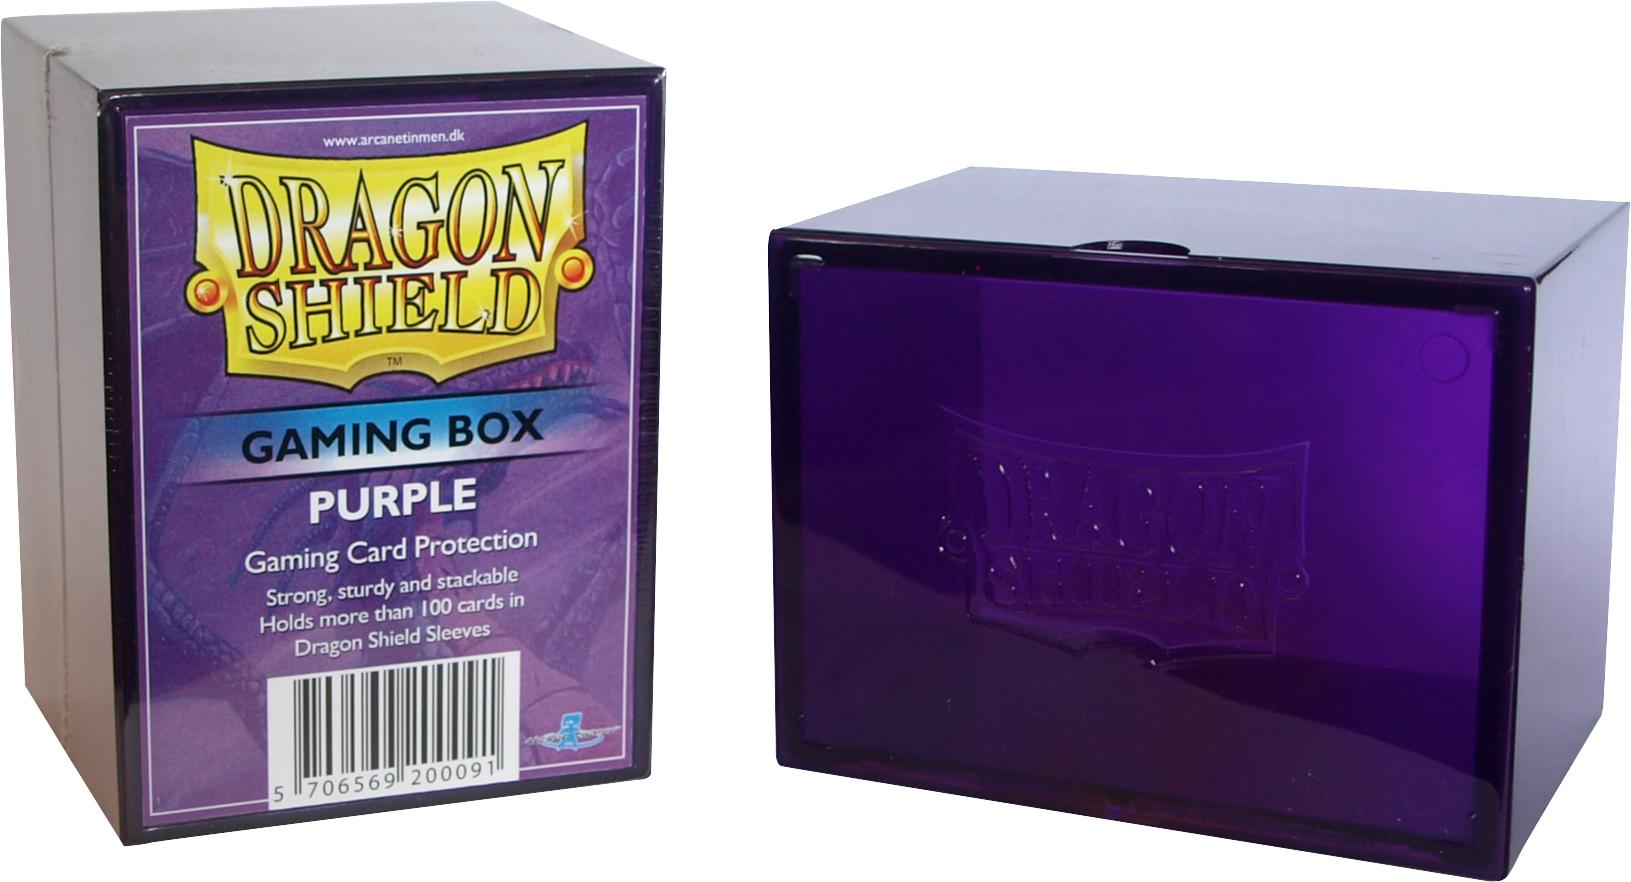 GAMING BOX - PURPLE (CONTIENE PIU' DI 100 CARTE CON LE BUSTE)